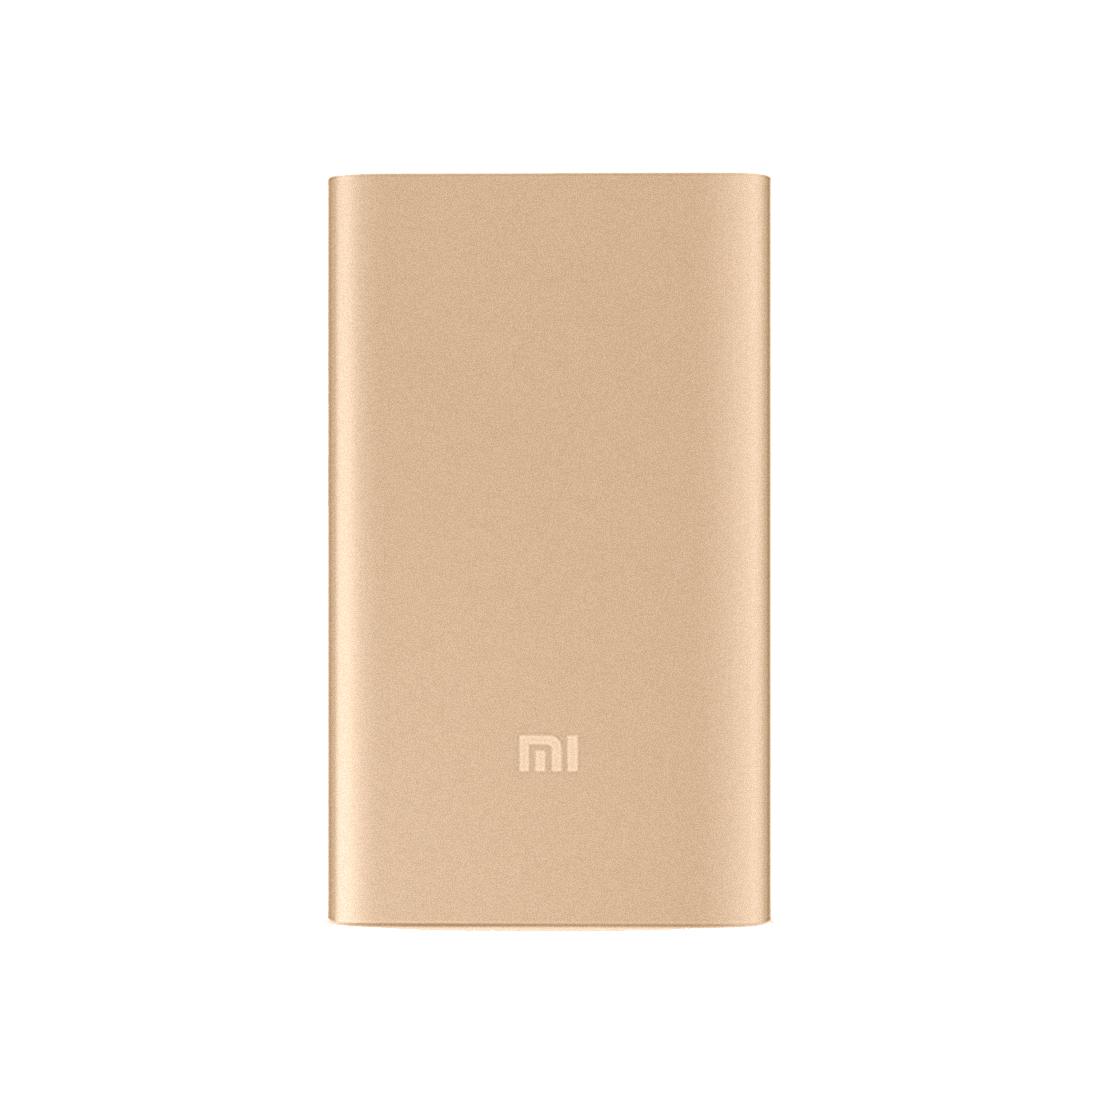 Портативное зарядное устройство Xiaomi Mi Power Bank 10000mAh Pro (Suite Version) Золотой